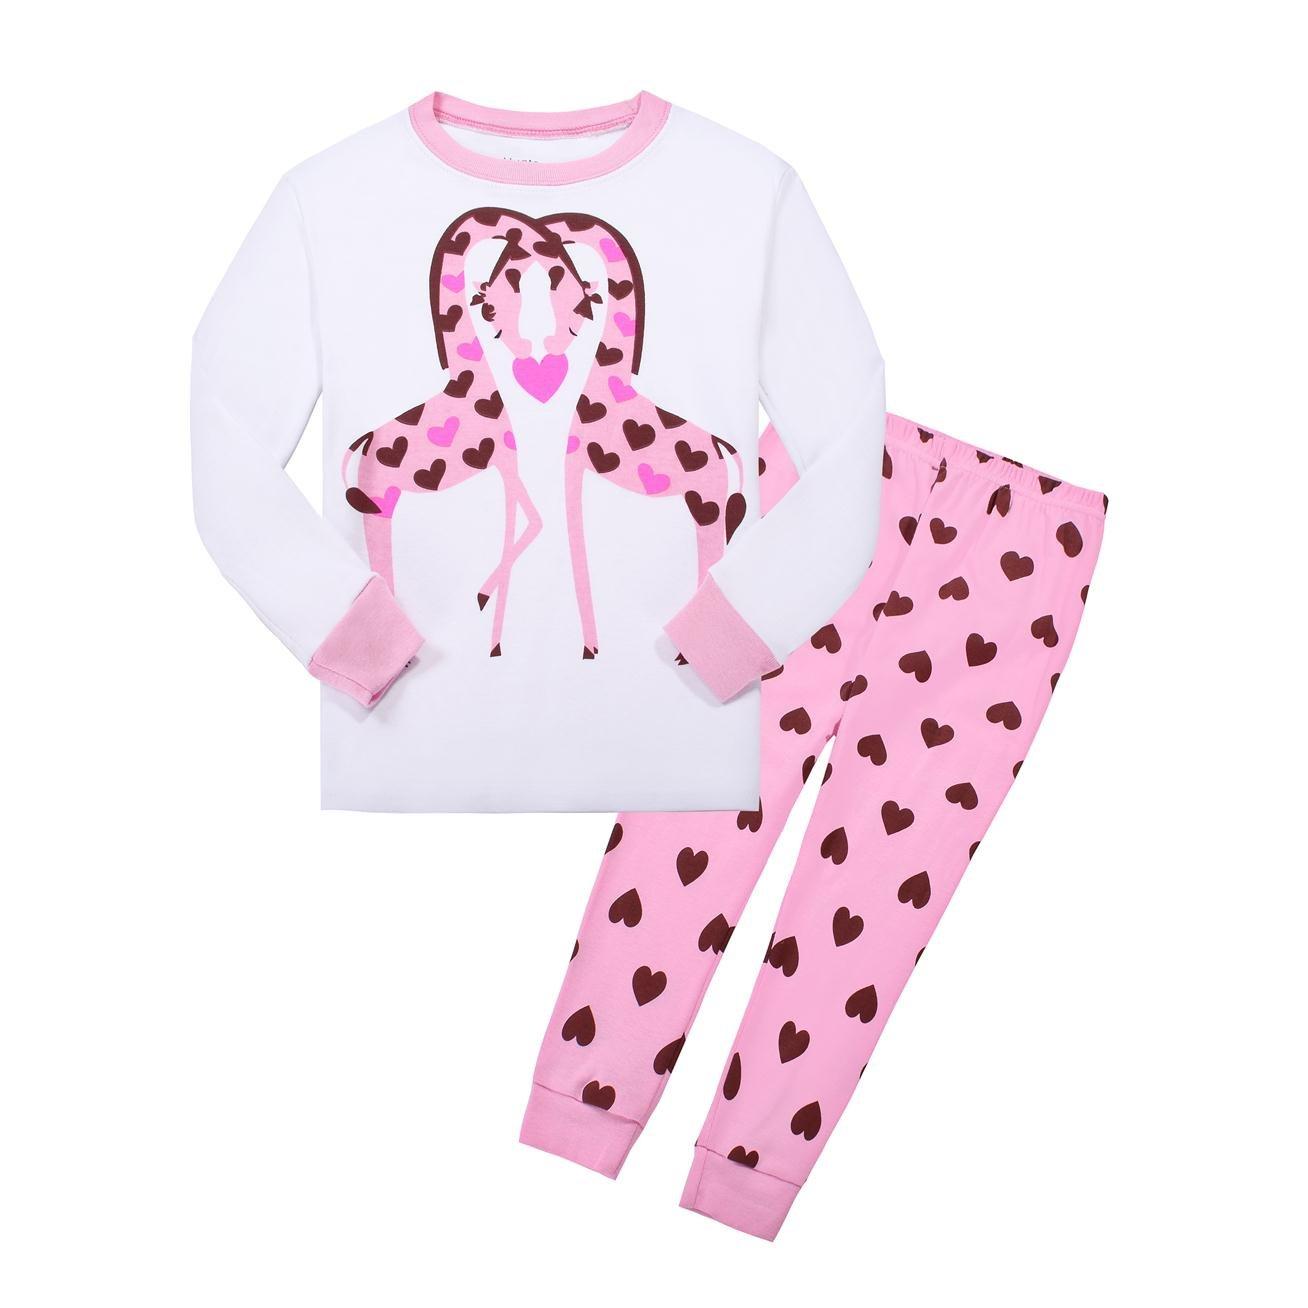 高級素材使用ブランド Cat Little GirlsパジャマSleepwears 2 Piece 100 %コットン服 2T 100 2T White-pink Little B075VWX6C9, ショウワチョウ:ac52d3e1 --- a0267596.xsph.ru